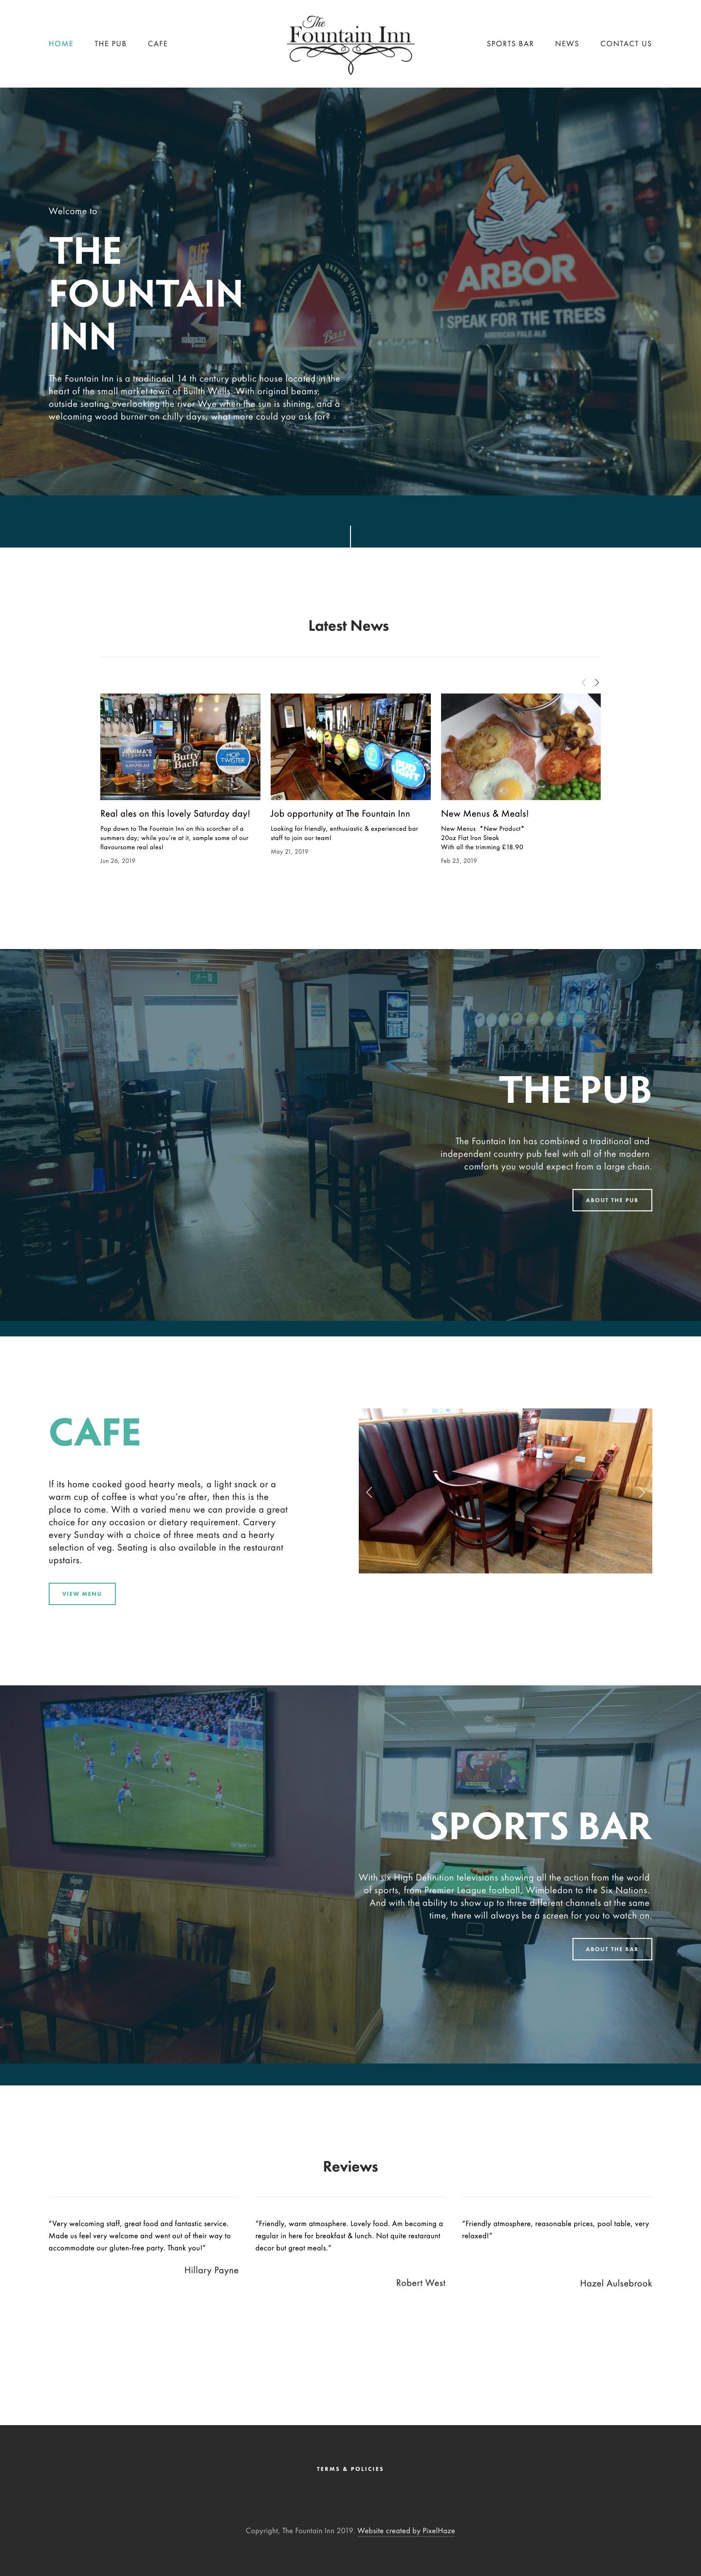 screencapture-fountaininnbuilthwells-co-uk-2019-07-10-20_40_58.jpg